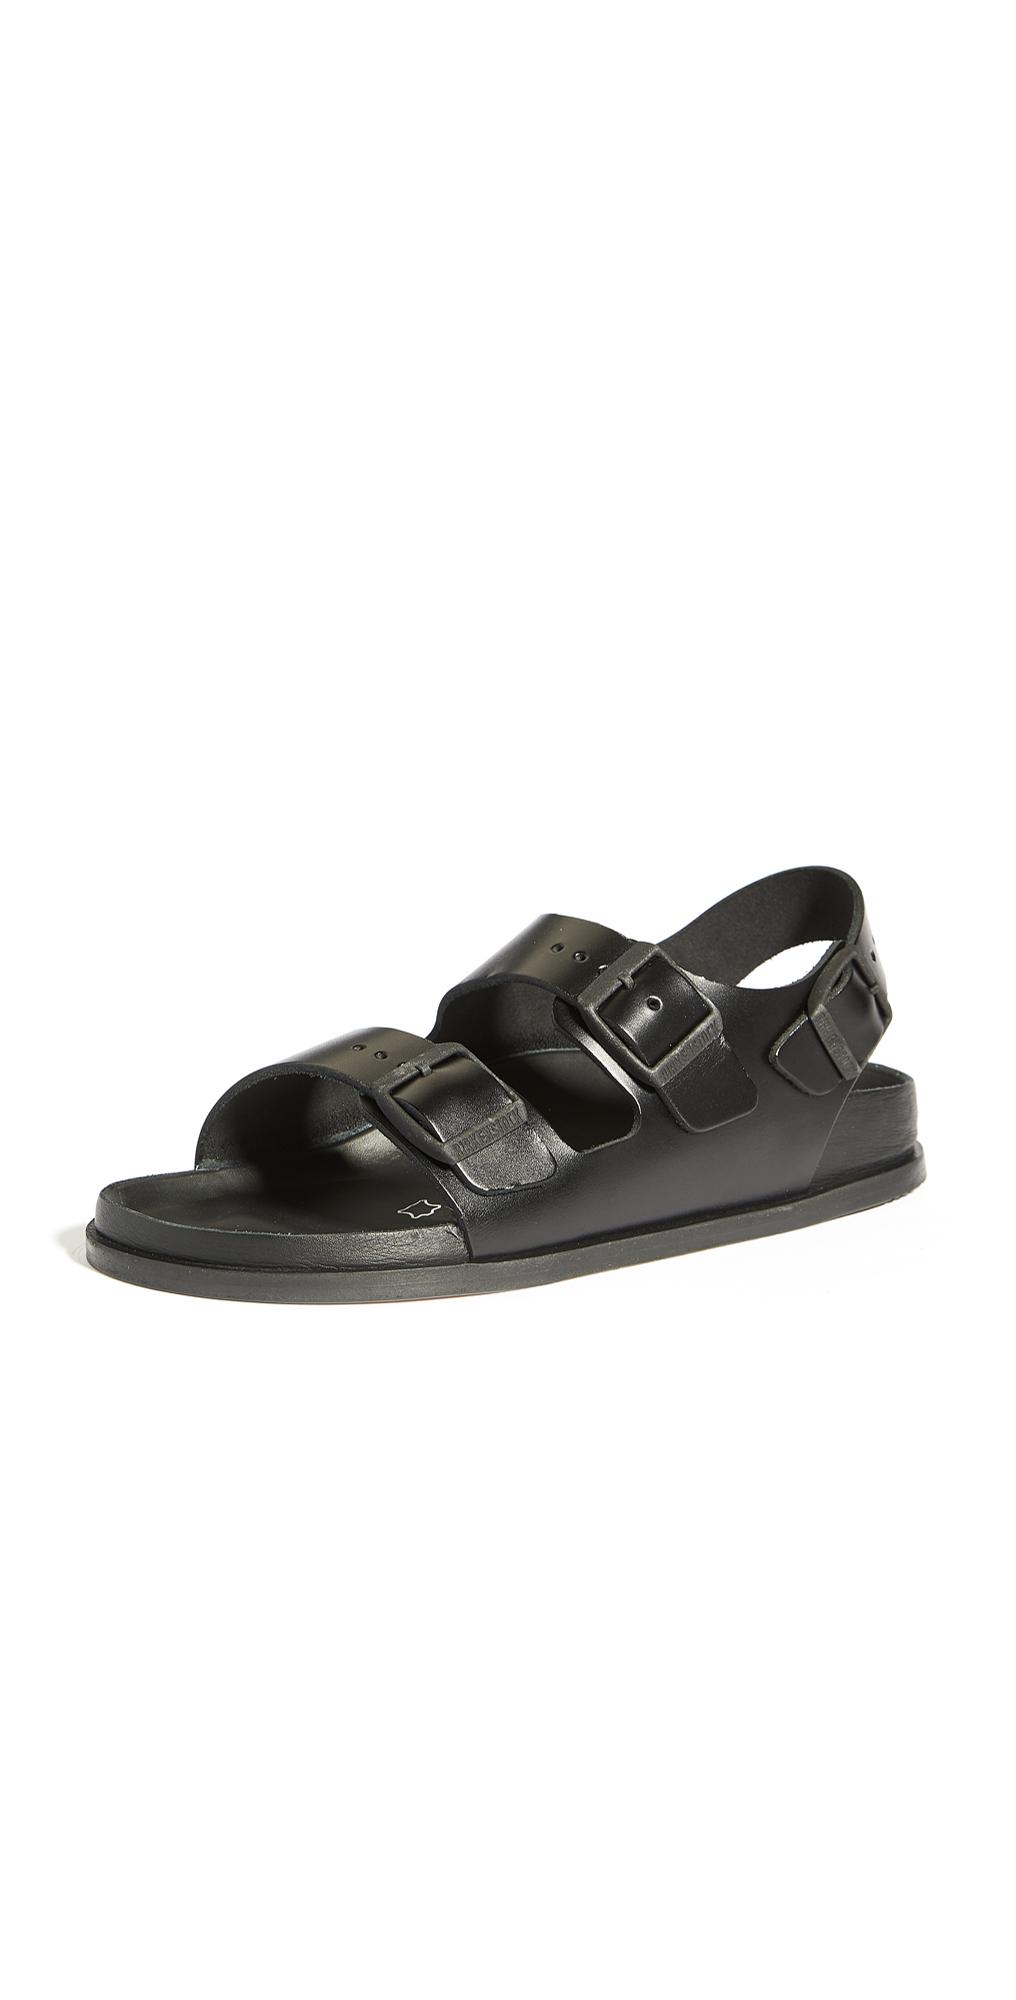 Birkenstock 1774 Milano Sandals